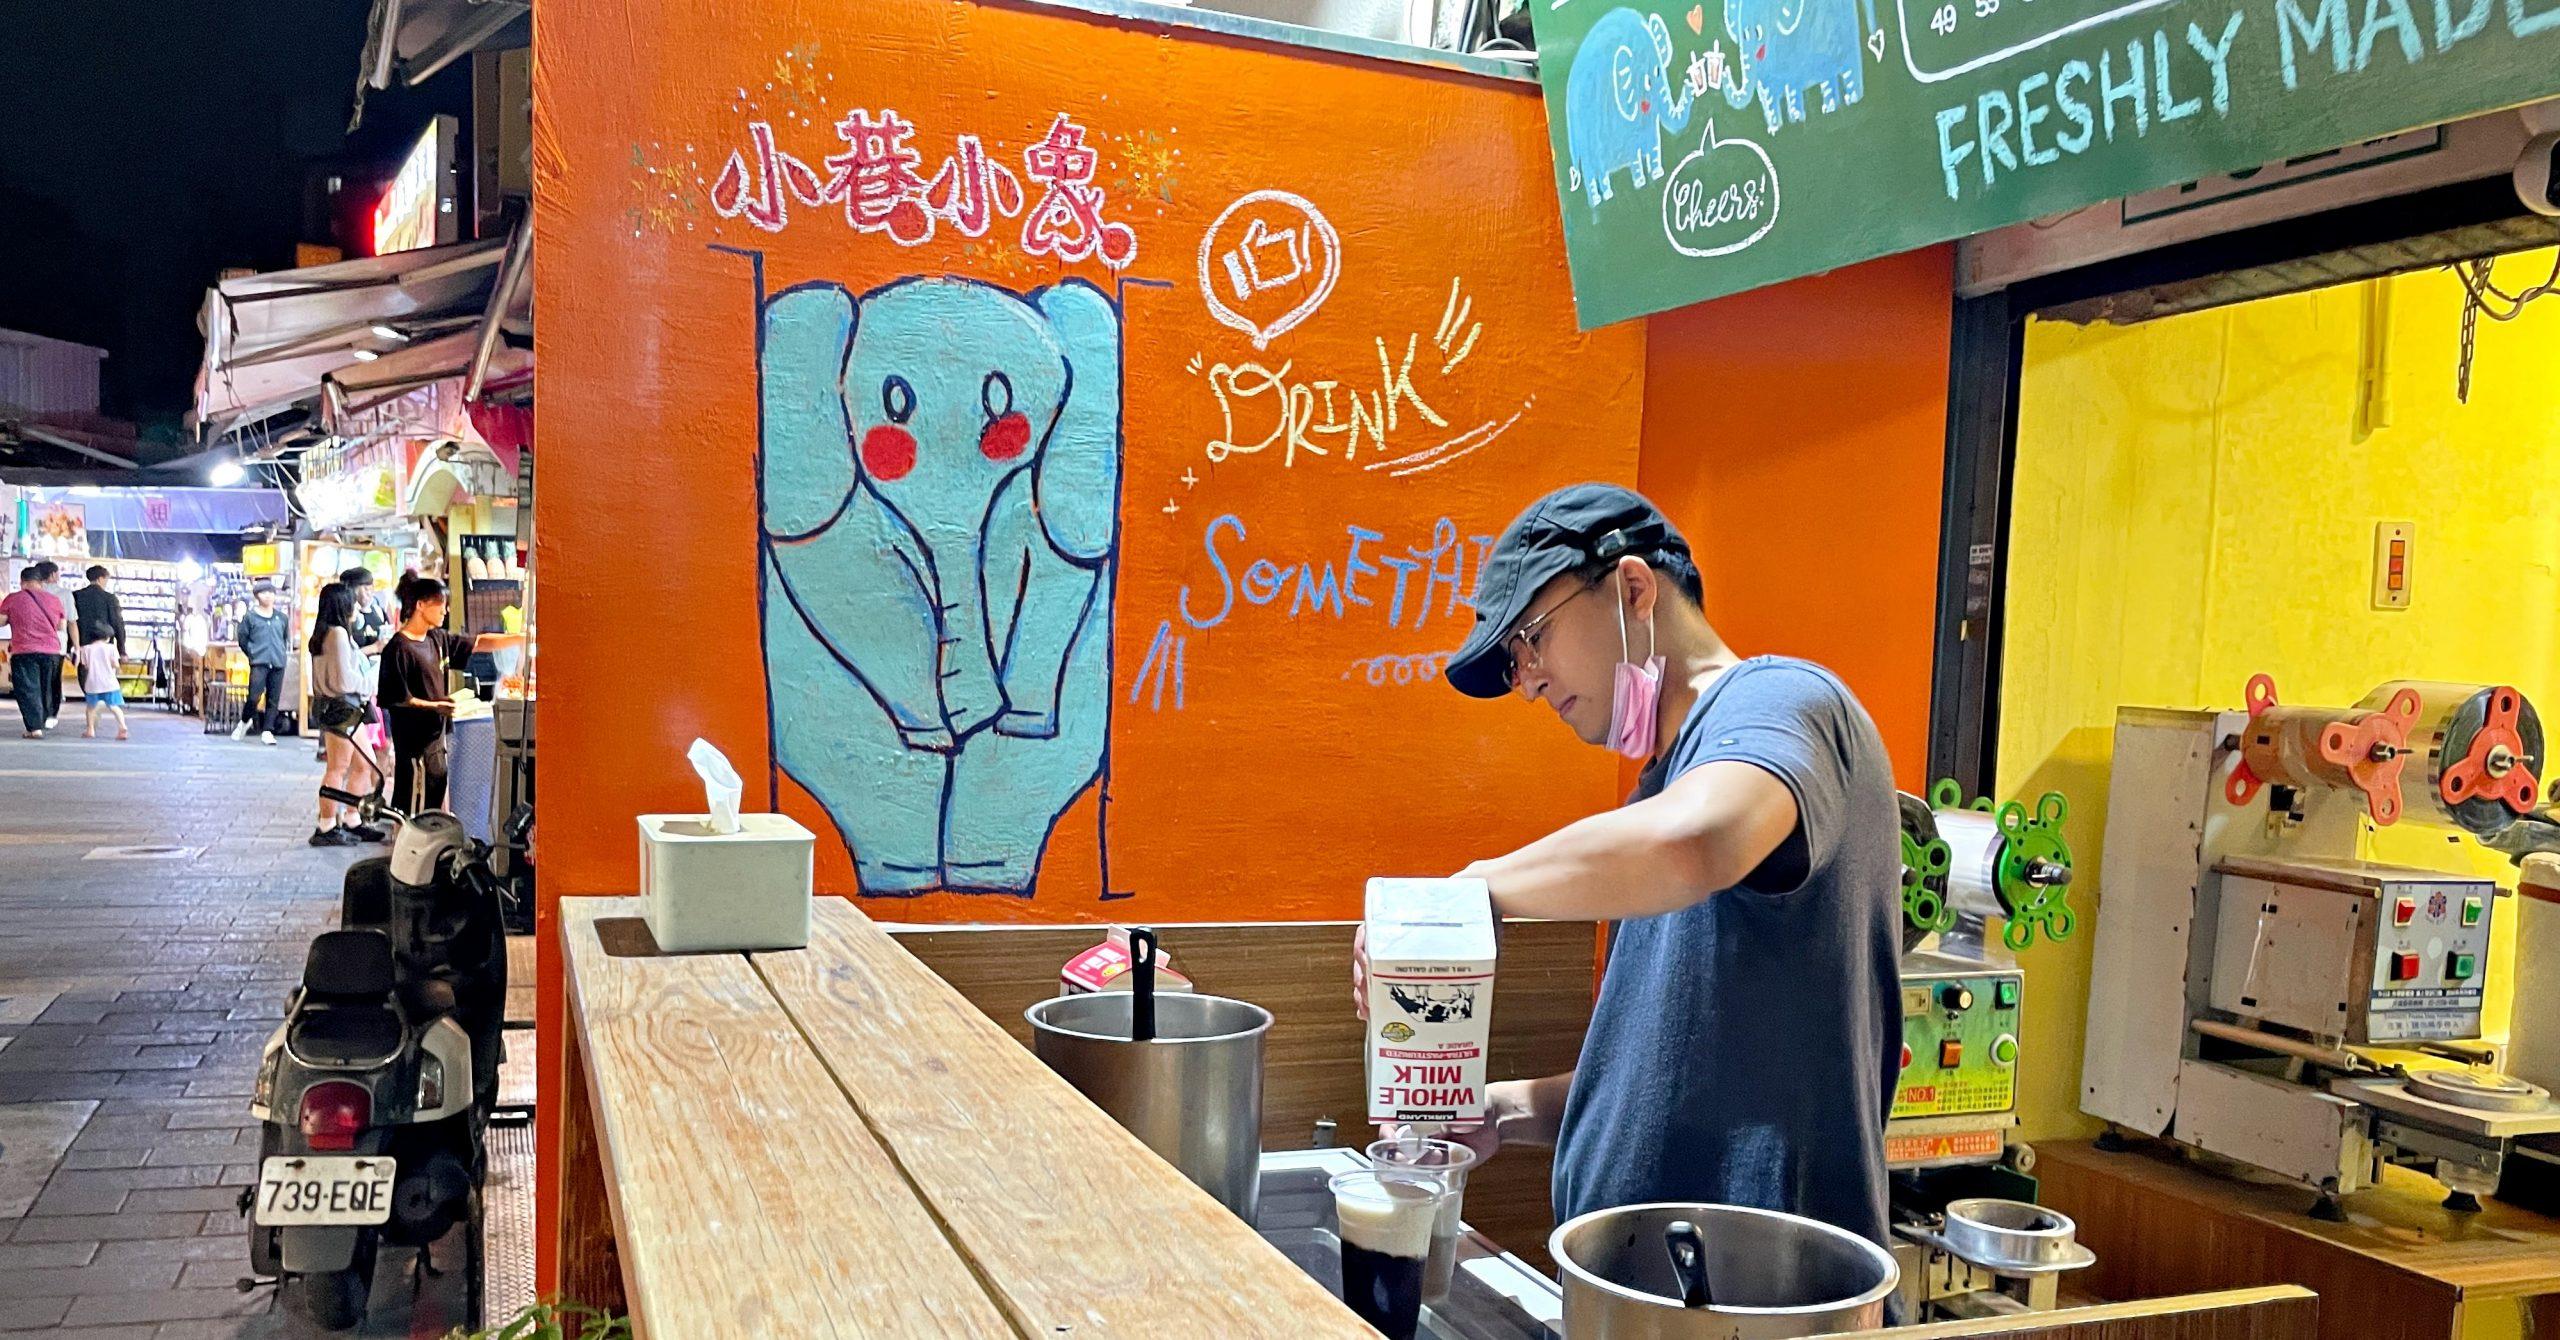 【士林美食】小巷小象手作坊,芋頭牛奶超厲害! 士林夜市美食推薦